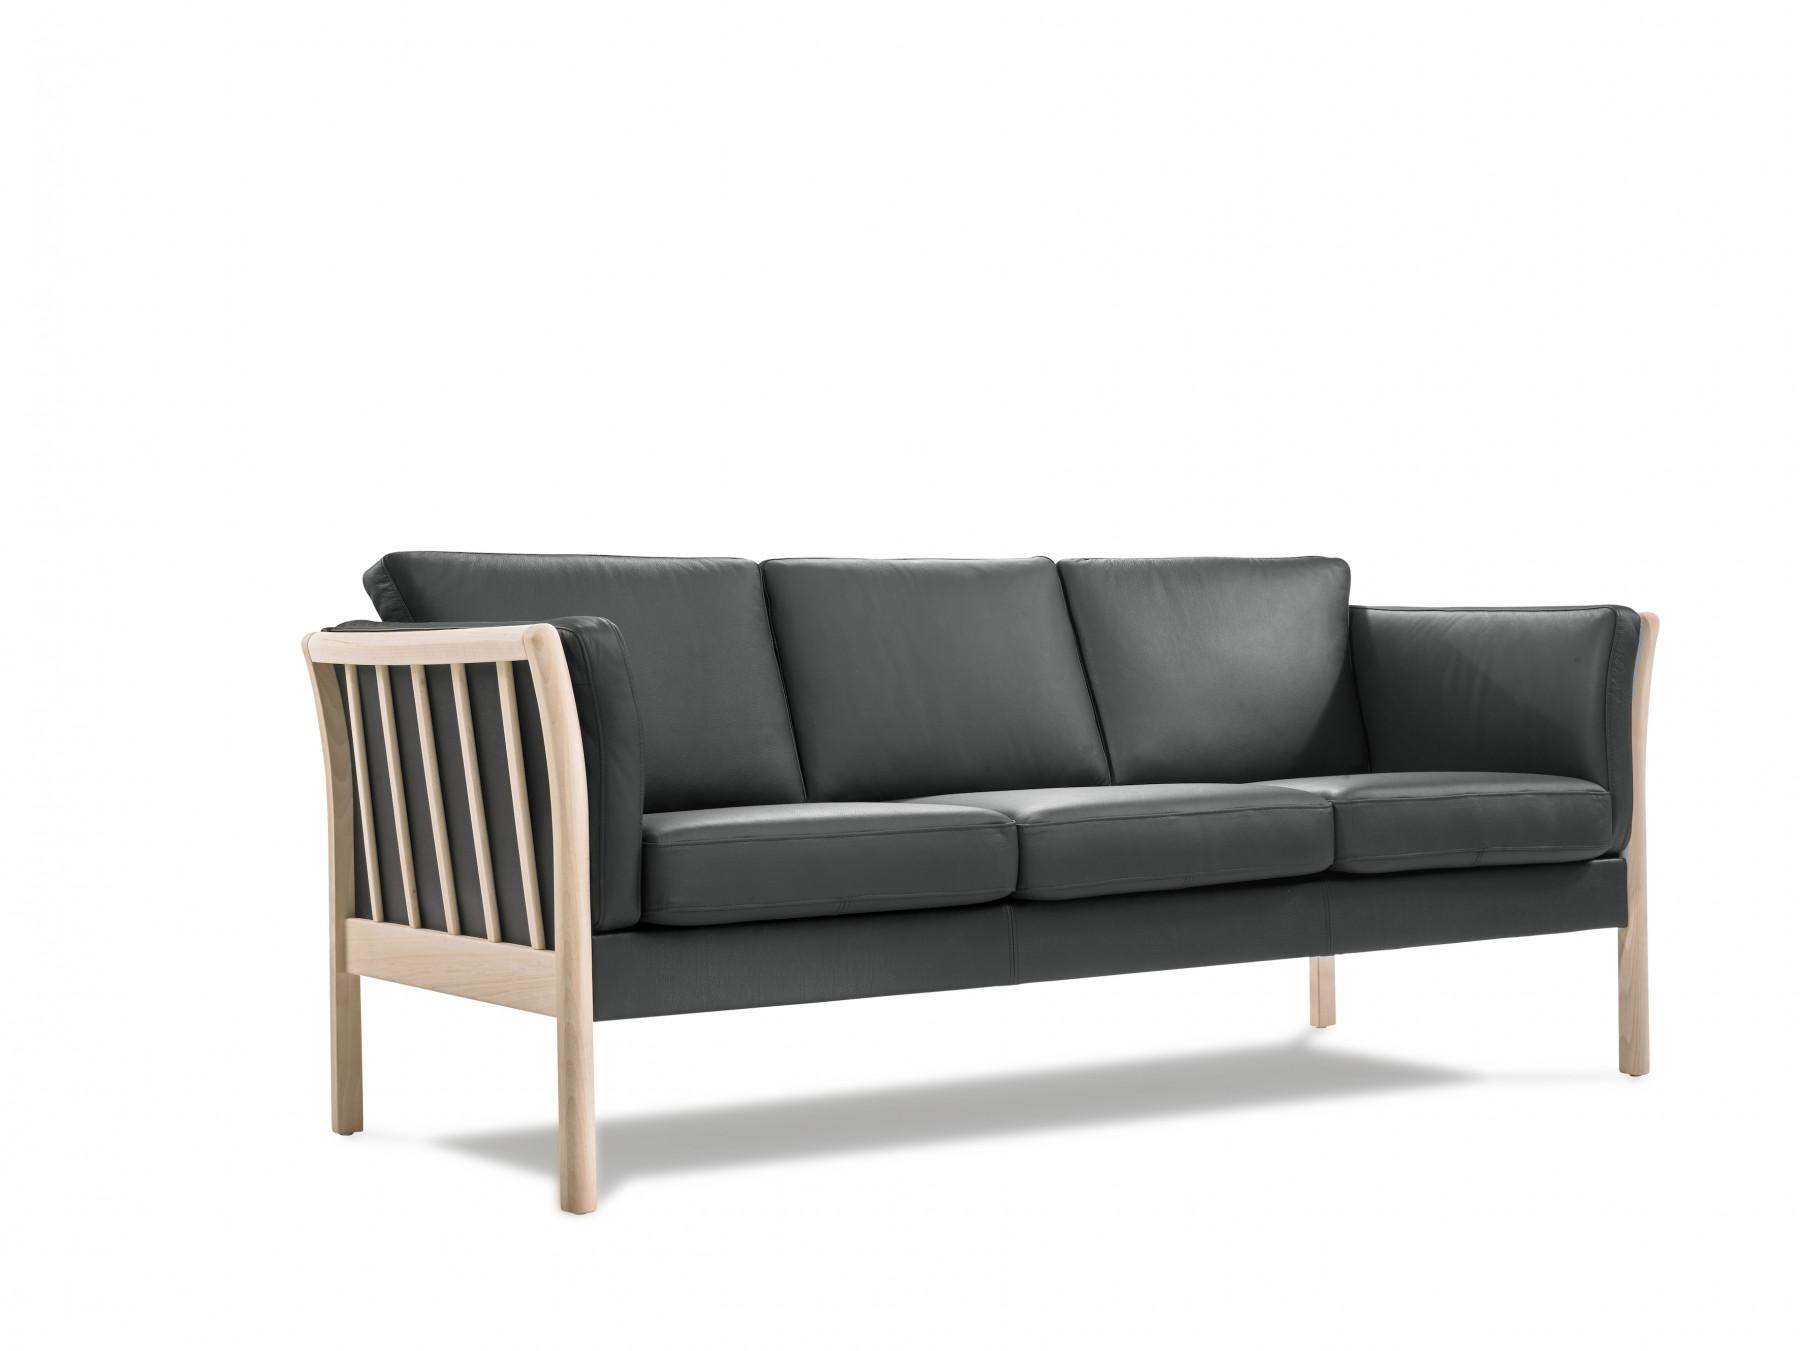 sort læder farve til sofa